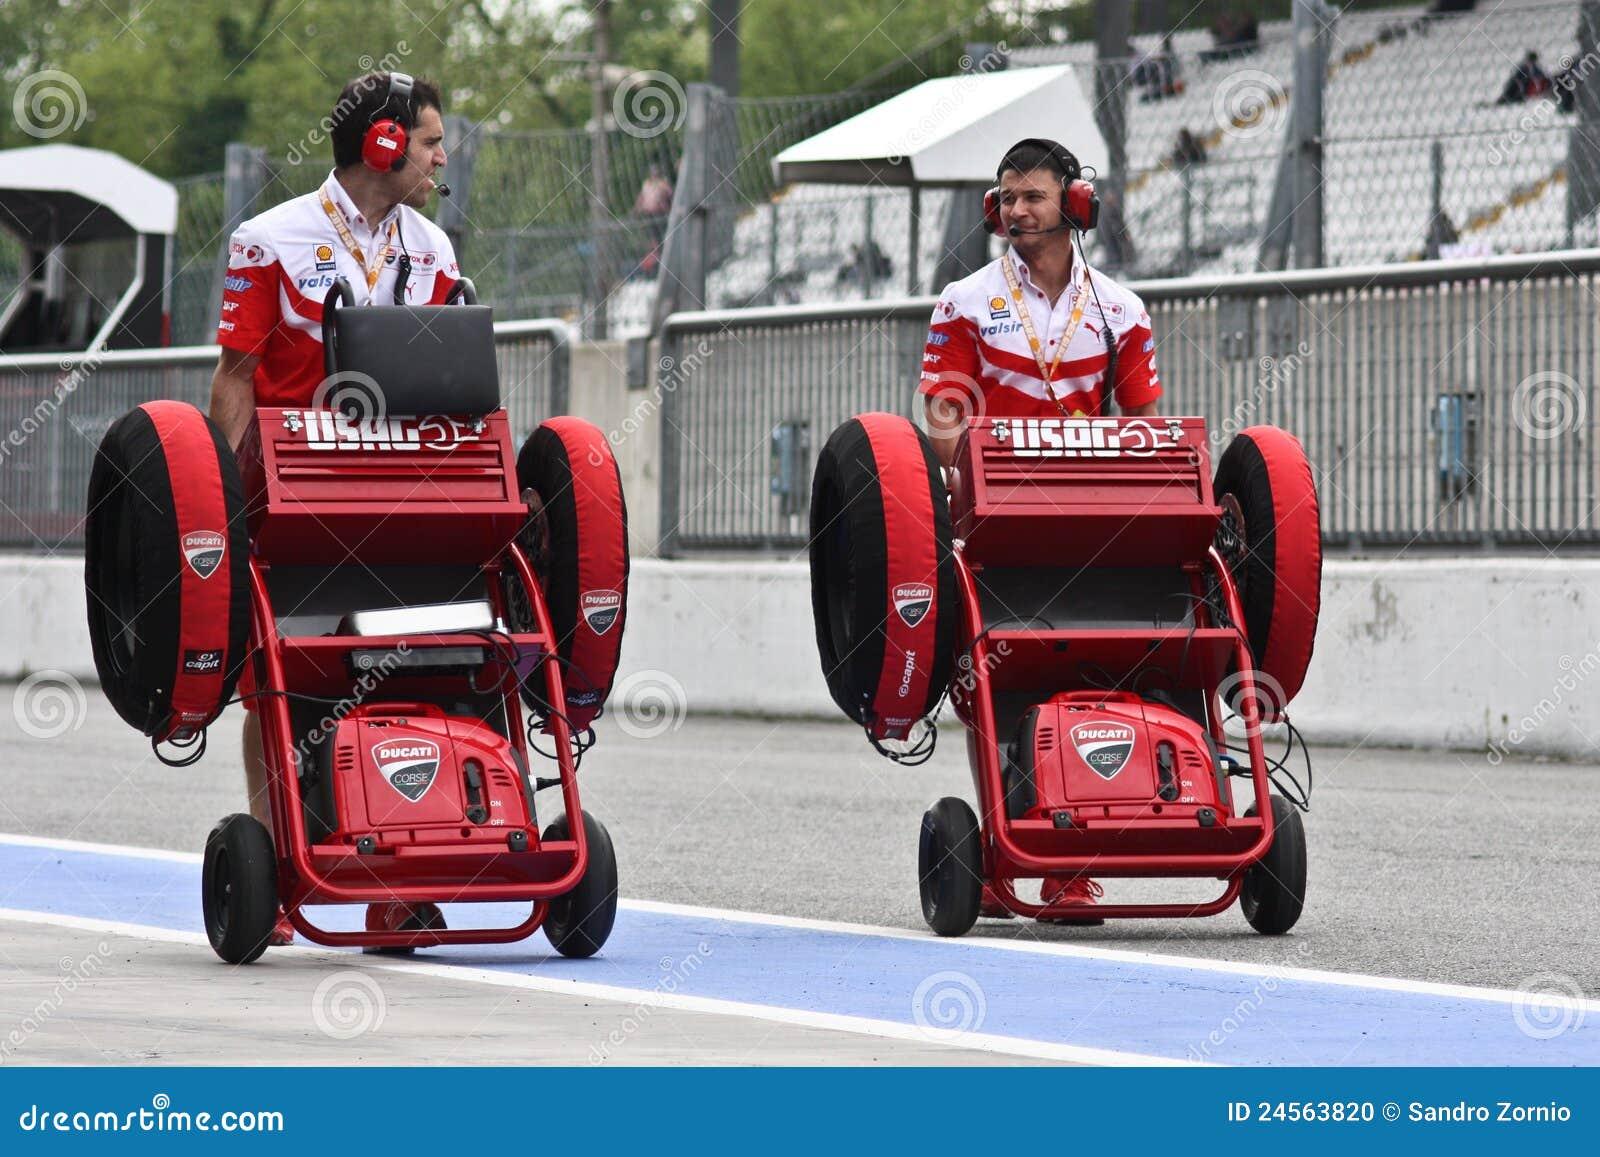 Ducati wheels transport